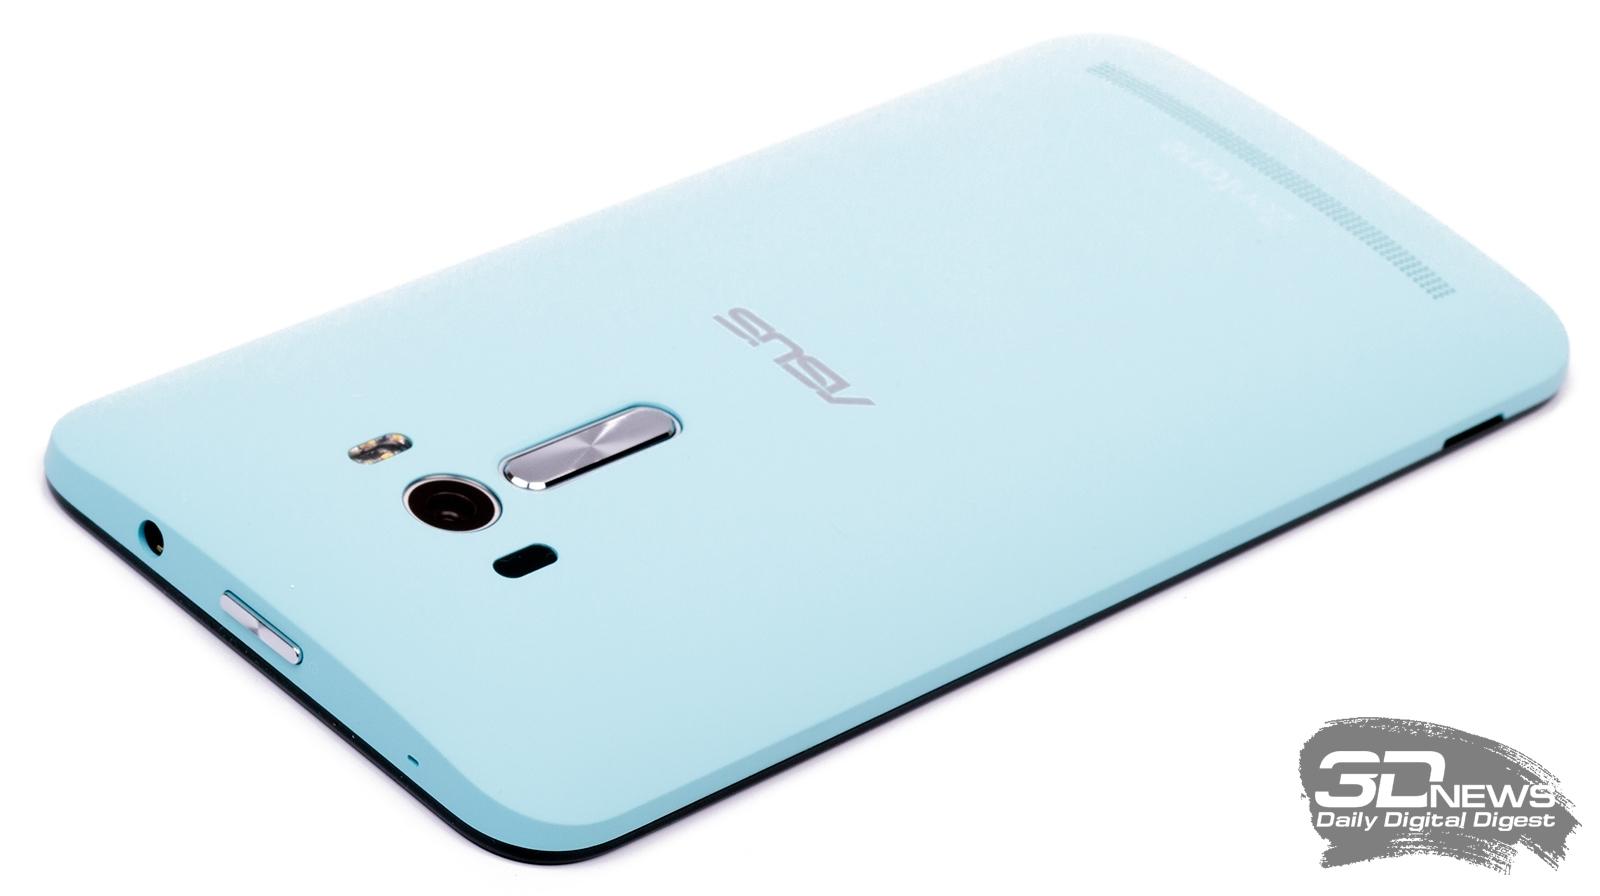 Запоздалый выход ZenFone 3 помешает ASUS выполнить план по смартфонам